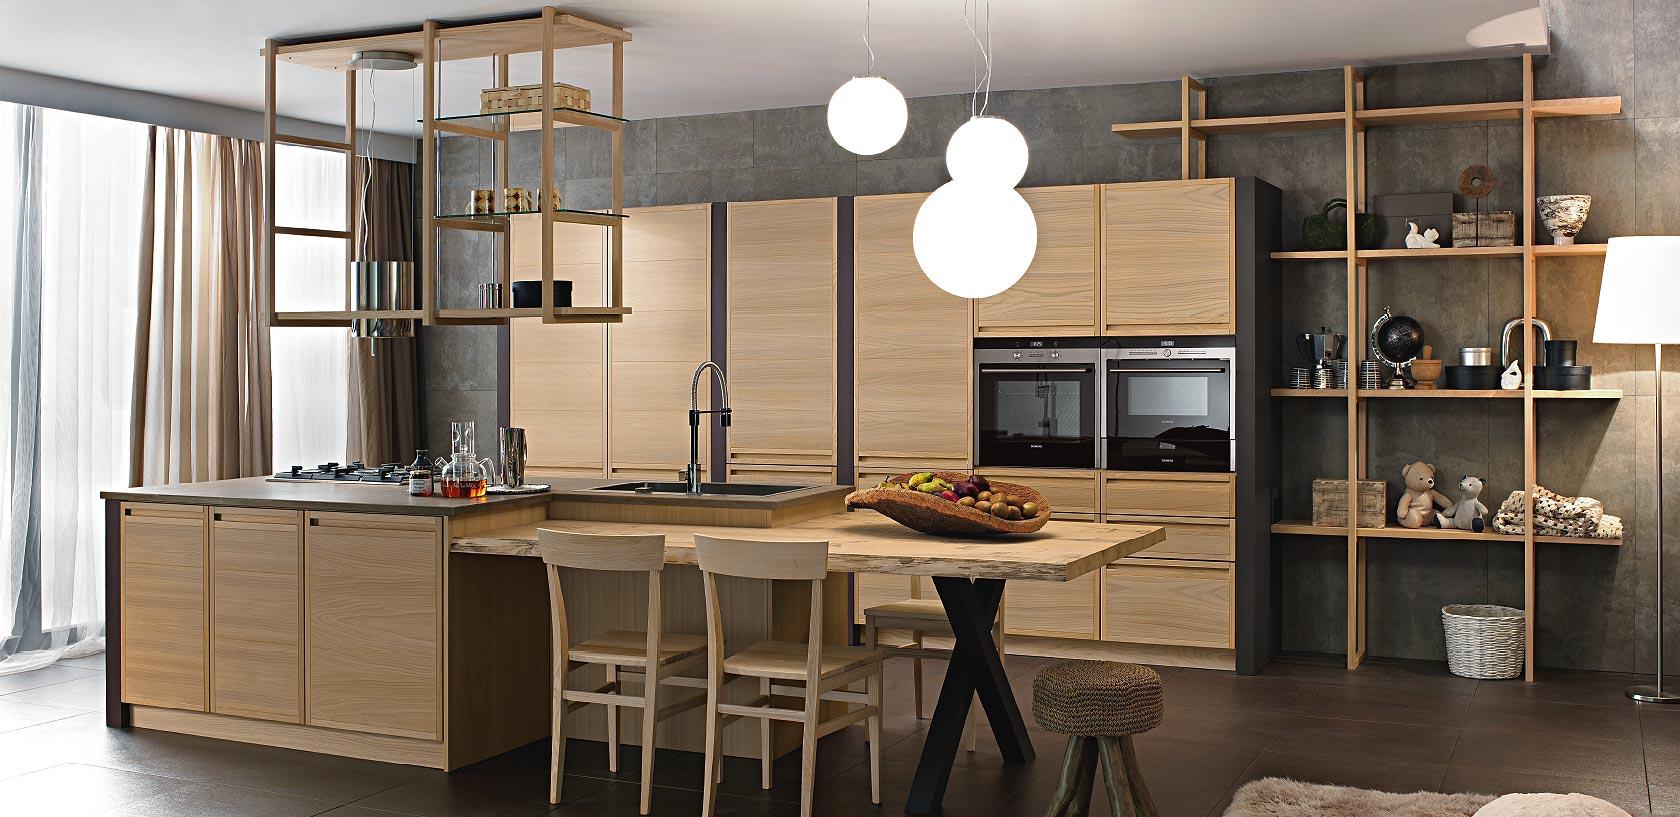 Top cucina muratura : top cucina muratura. spessore top cucina in ...